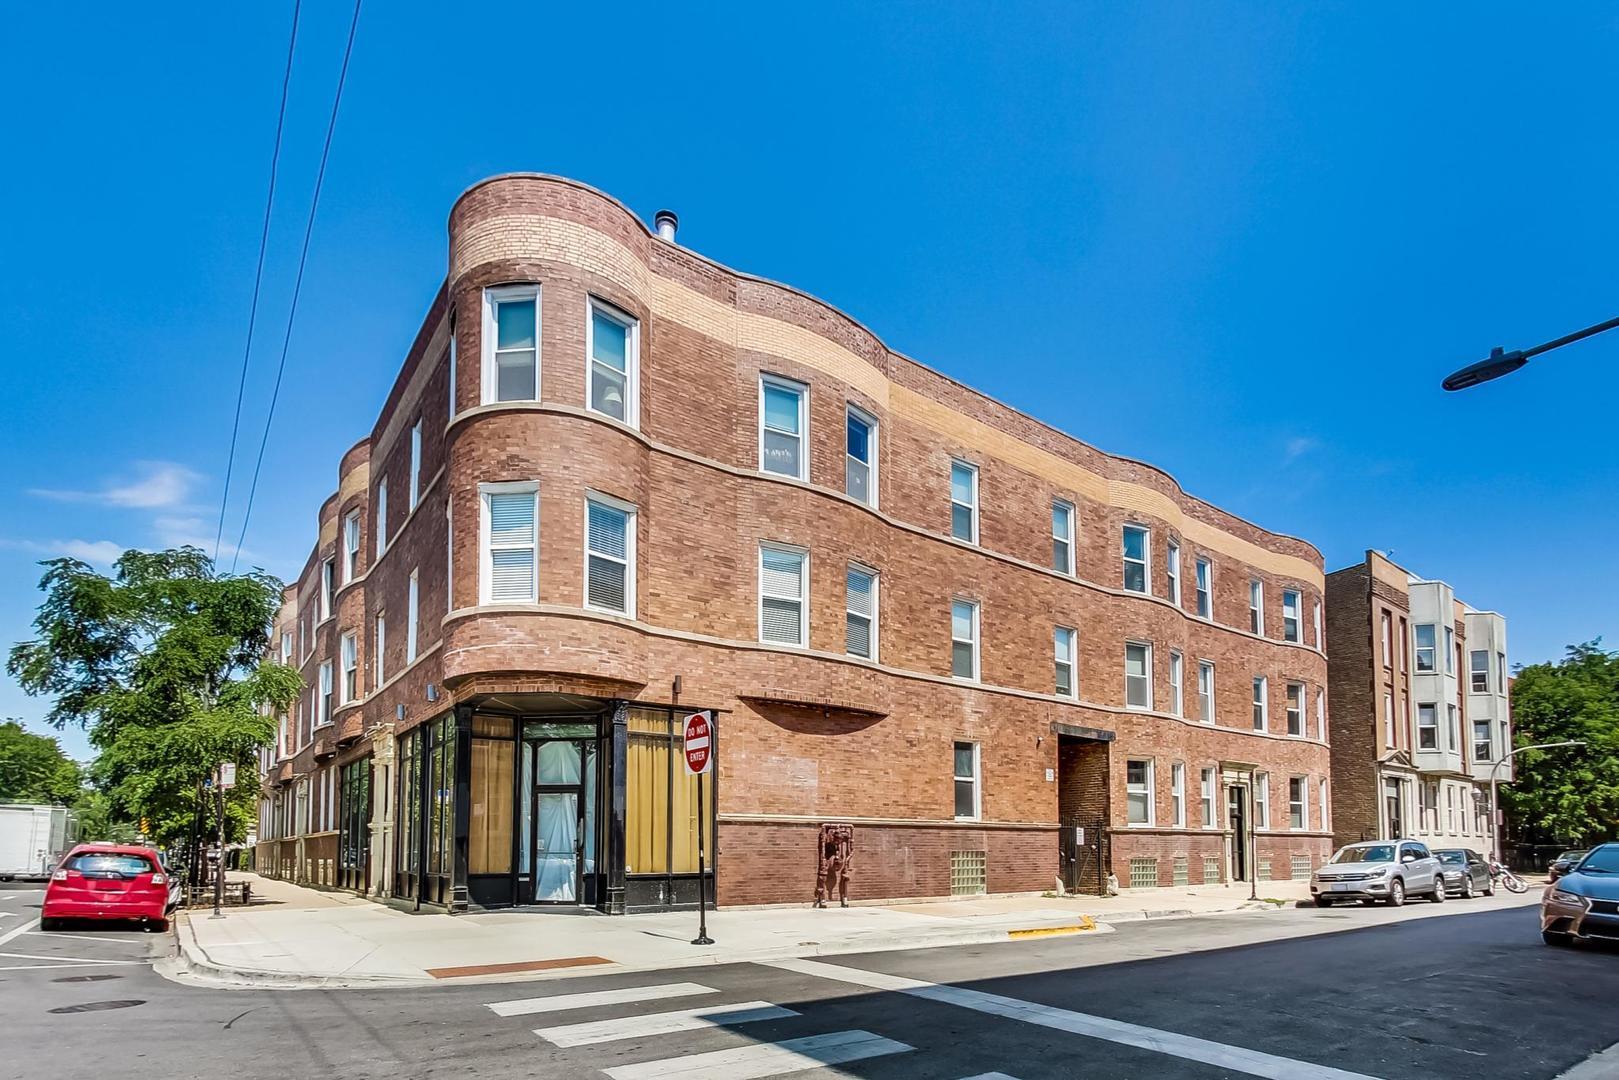 2778 W Francis Place, Unit 2 photo